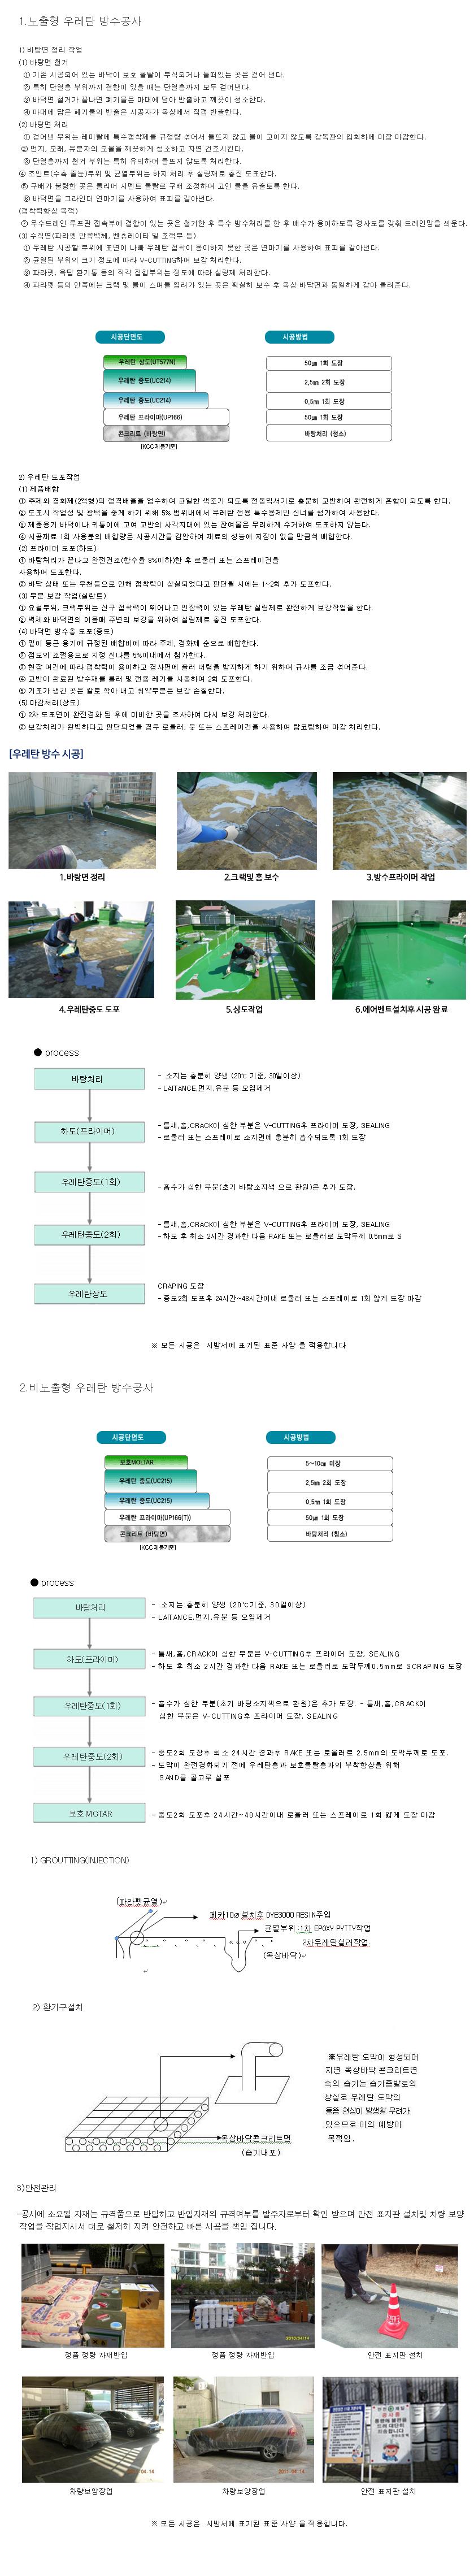 미장방수조적공사(노출형우레탄)_new